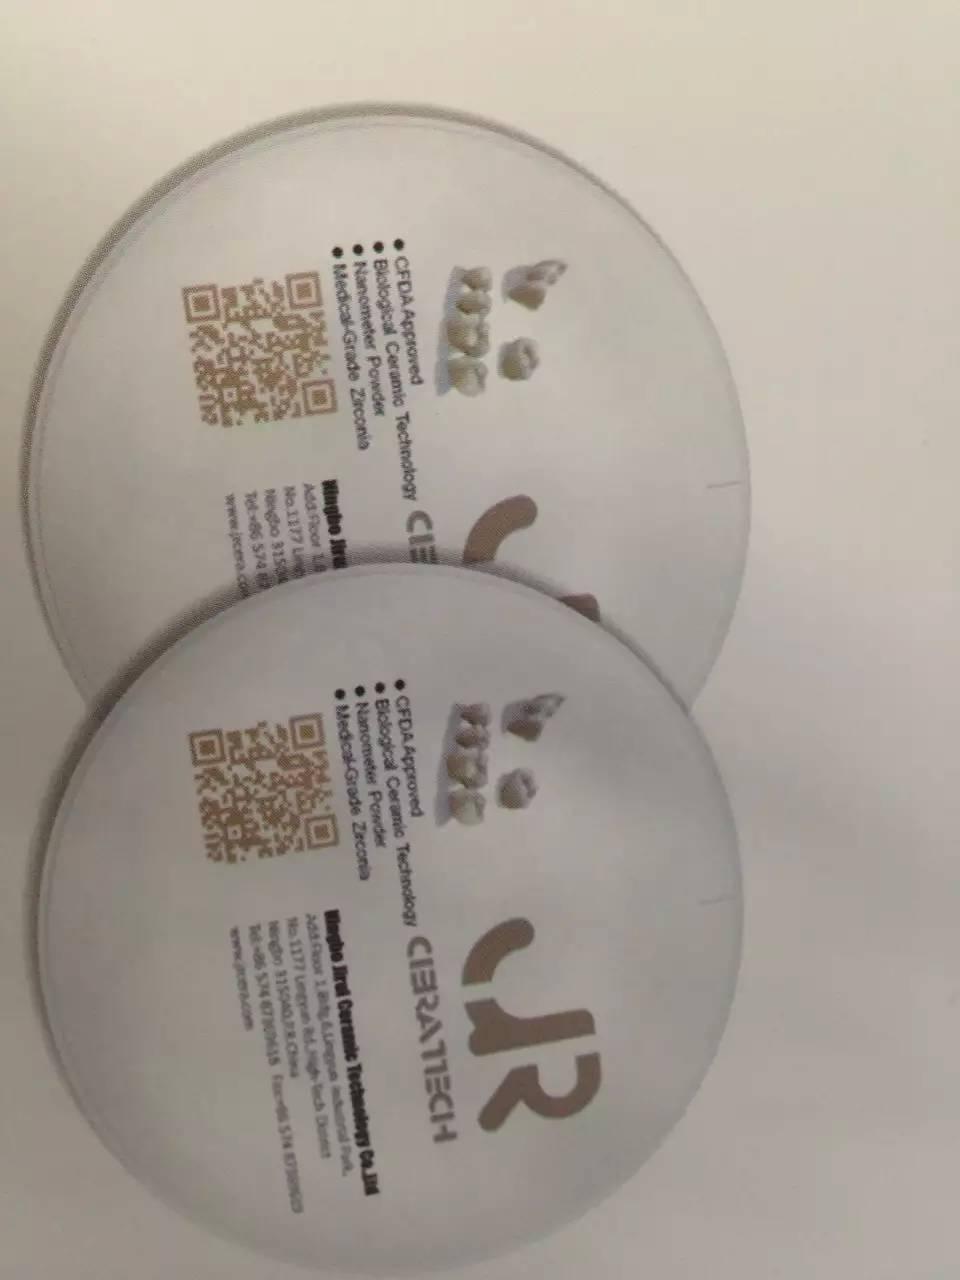 OD98mm*25mm Super Translucent Dental Zirconia Block Discs For Lab CADCAM